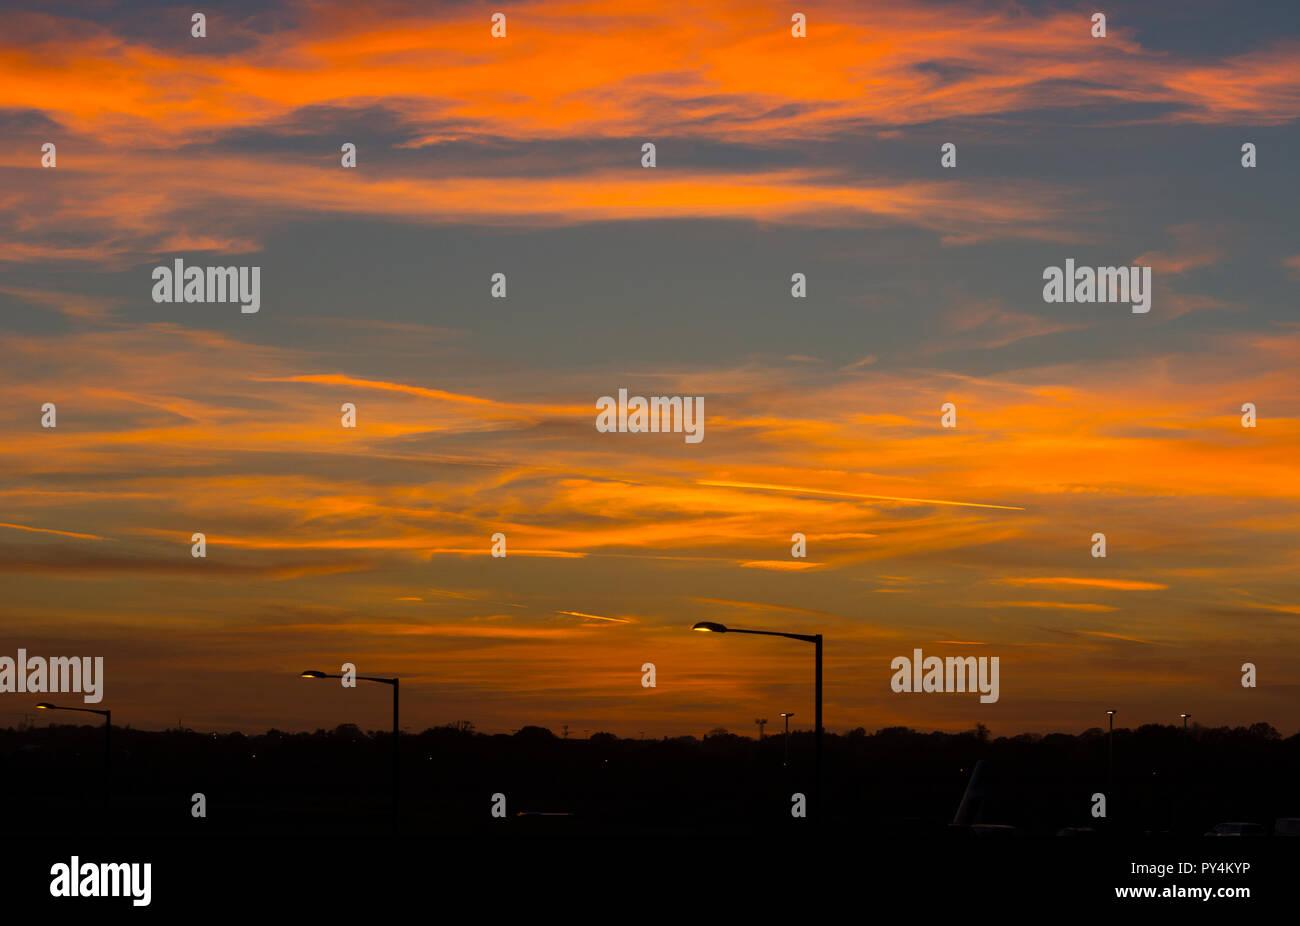 A sky at sunset, UK Stock Photo